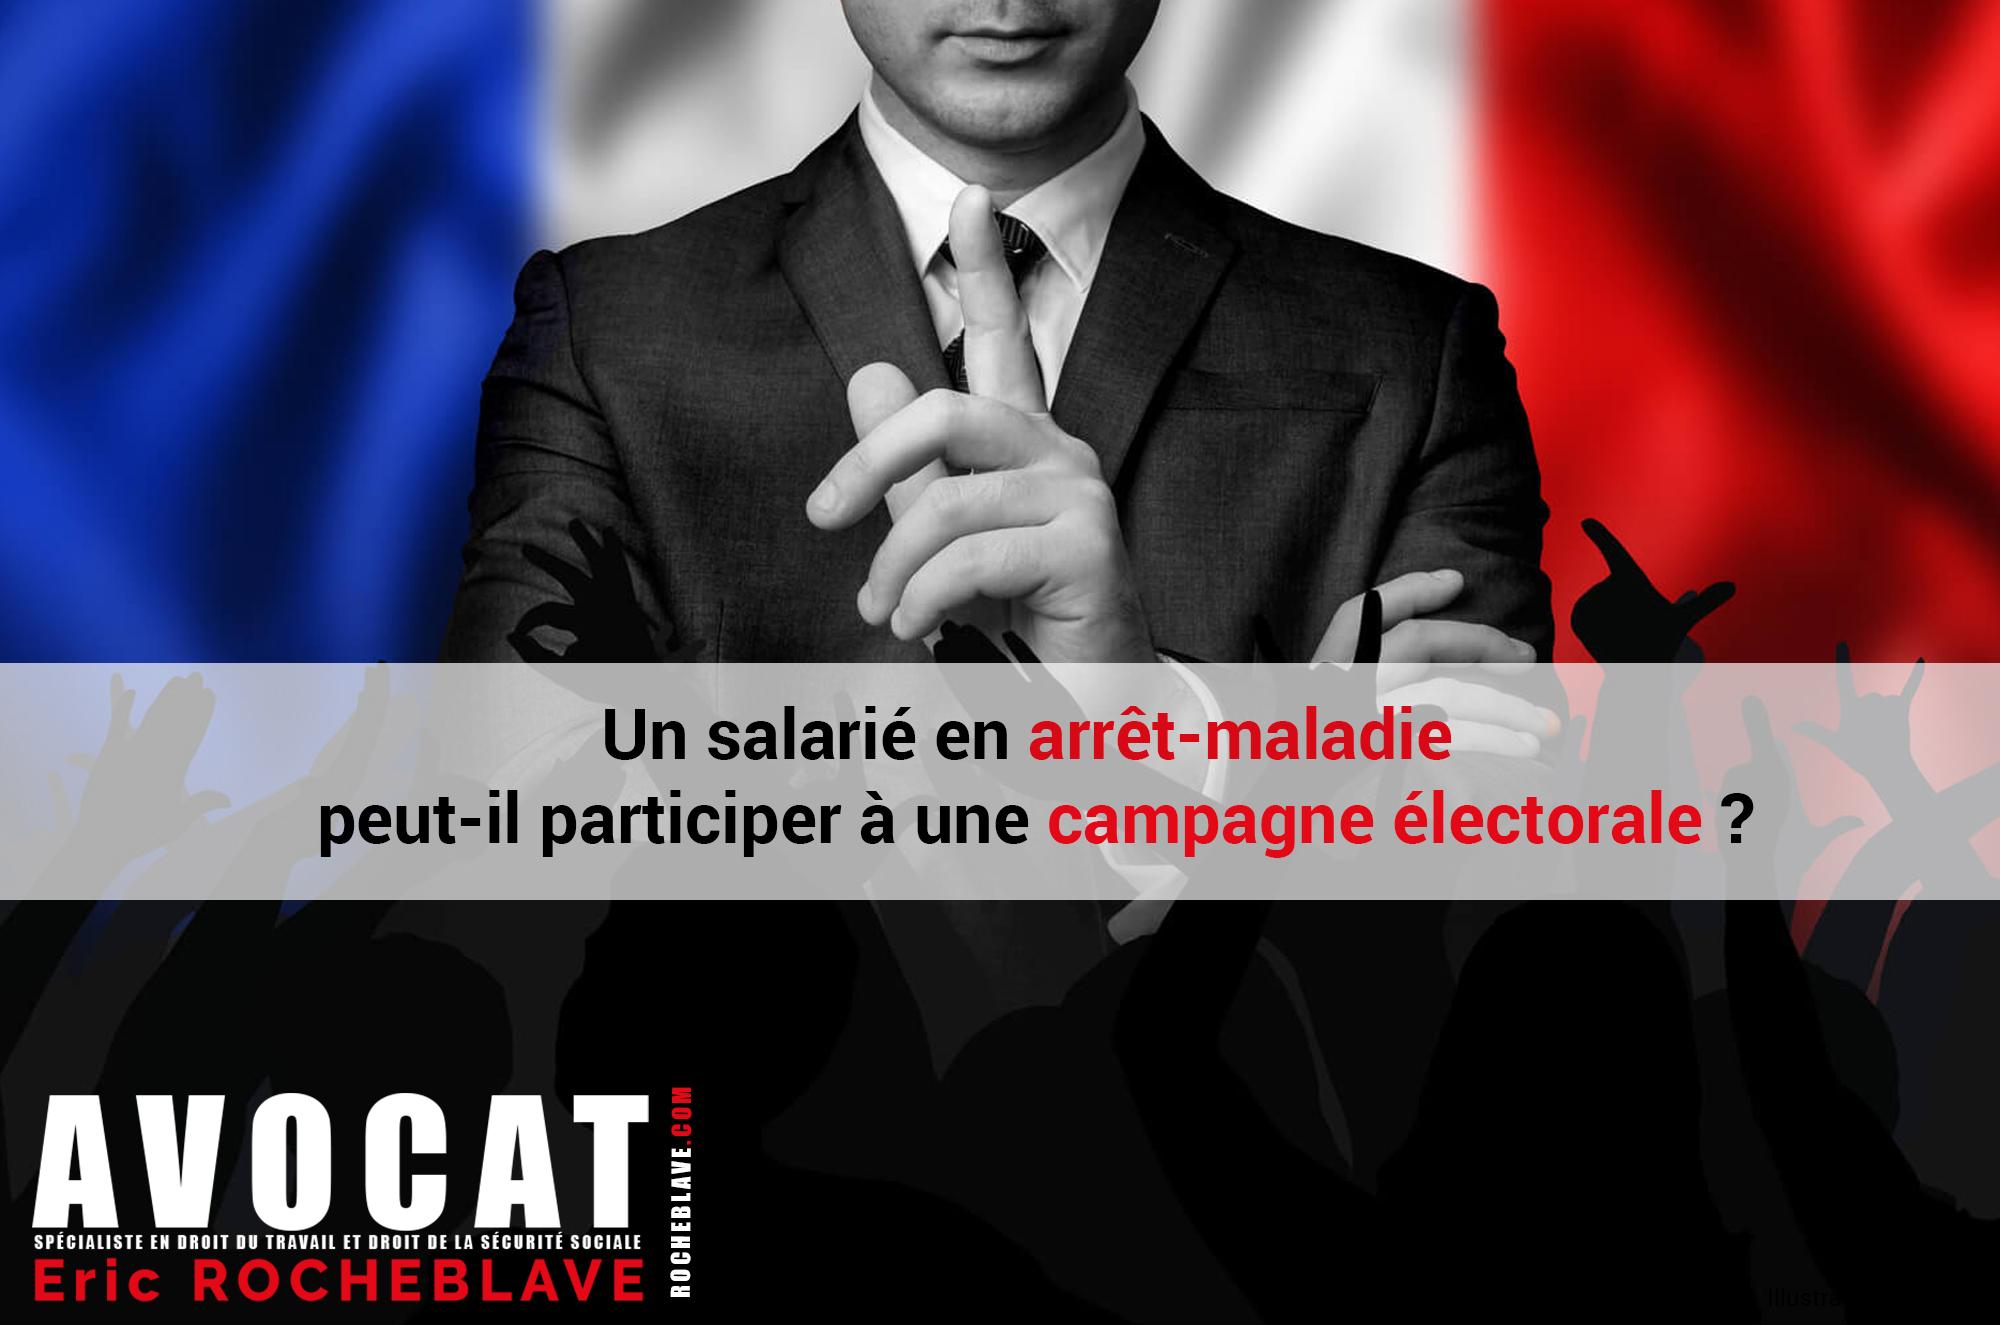 Un salarié en arrêt-maladie peut-il participer à une campagne électorale ?